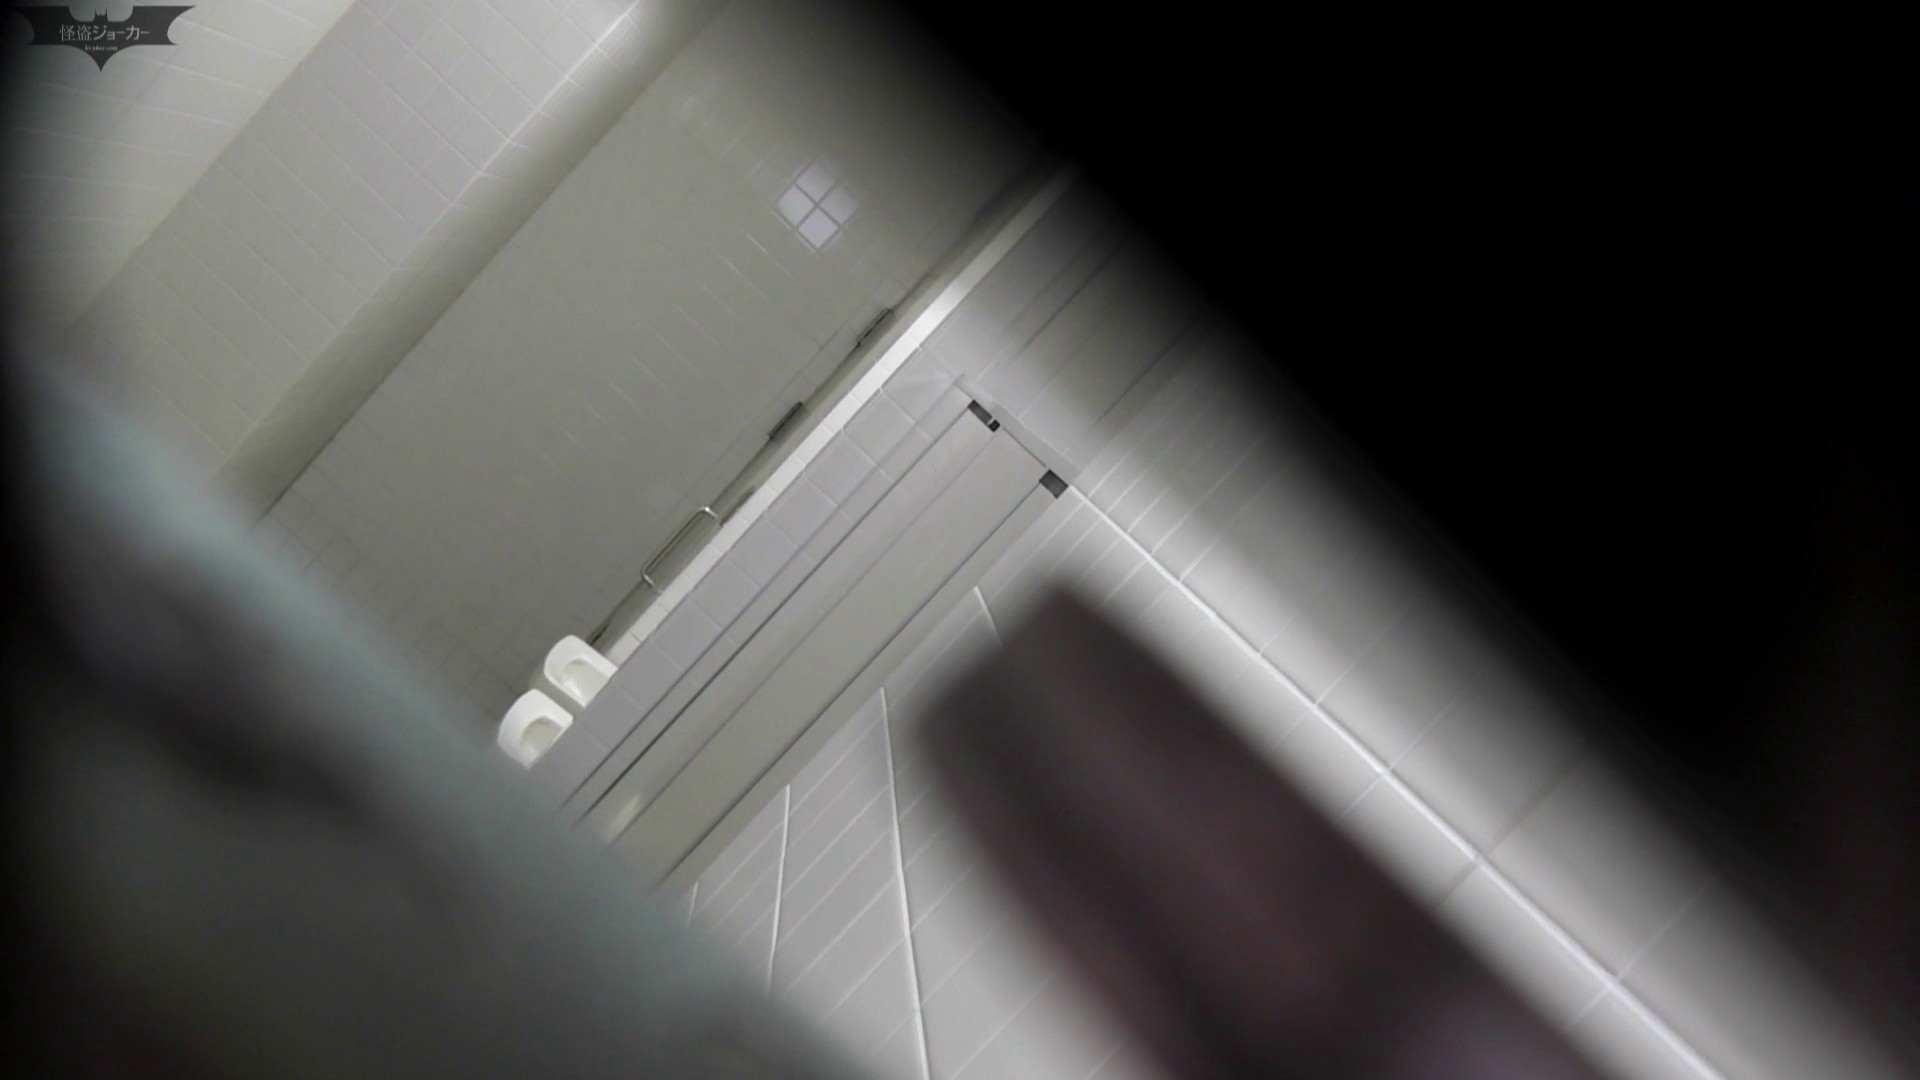 お銀 vol.68 無謀に通路に飛び出て一番明るいフロント撮り実現、見所満載 美人 ワレメ動画紹介 70PIX 62